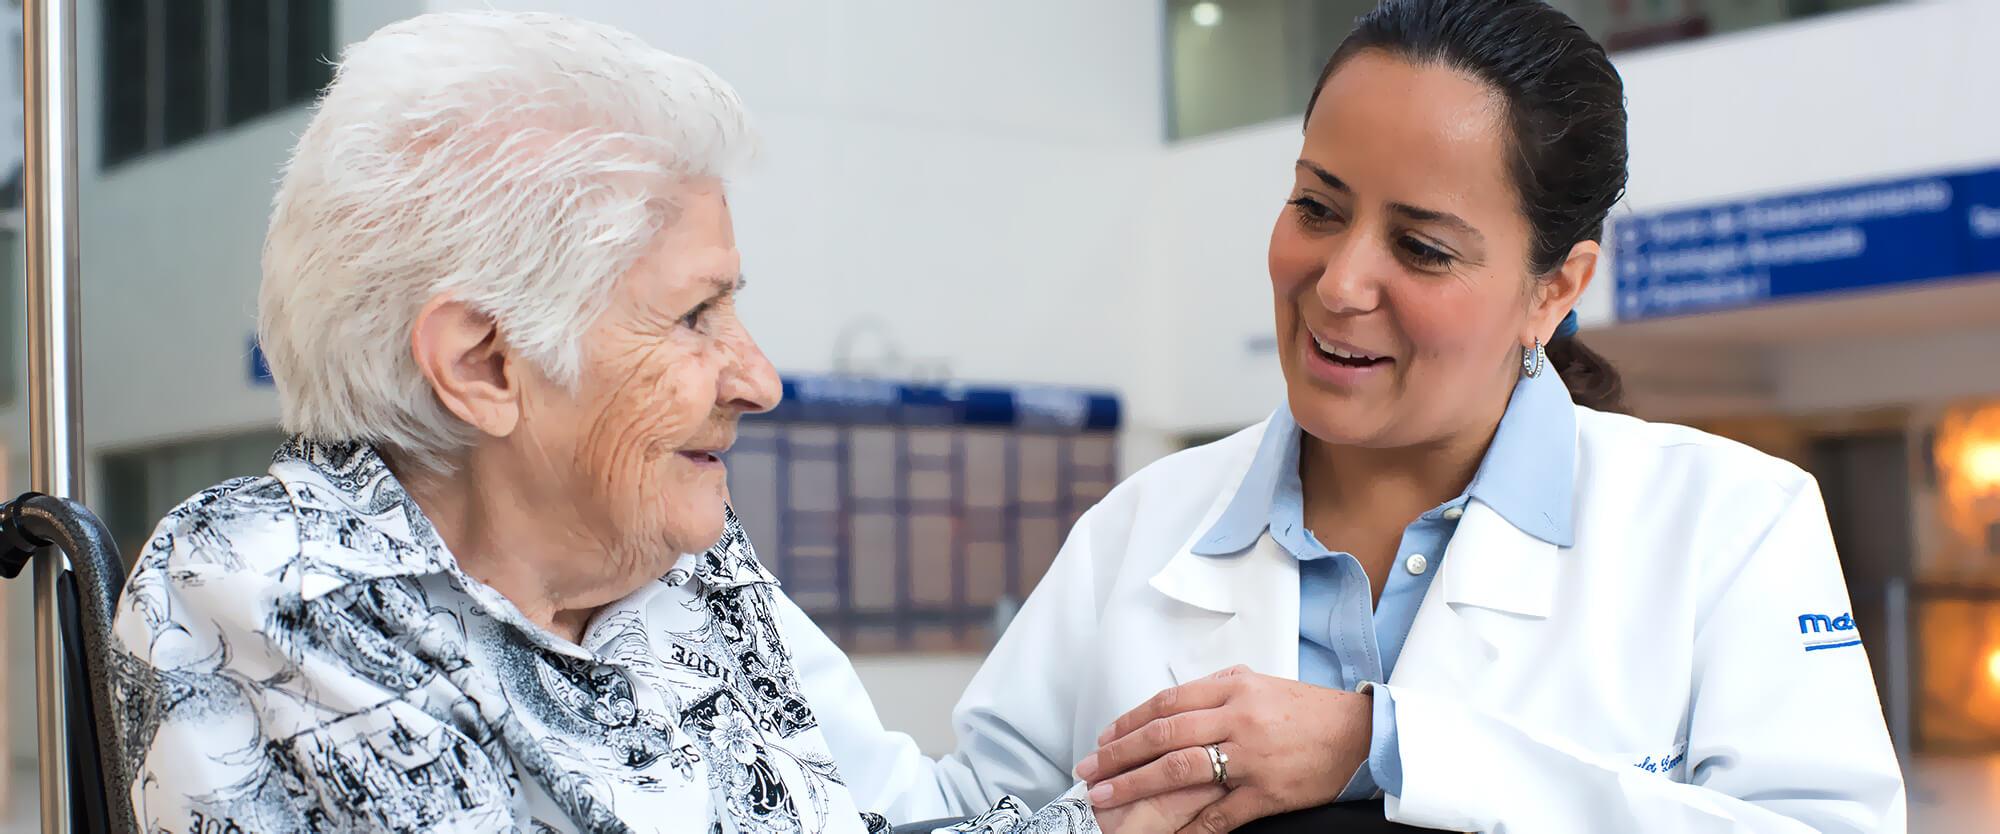 Doctora acompañando a paciente extranjera en silla de ruedas.